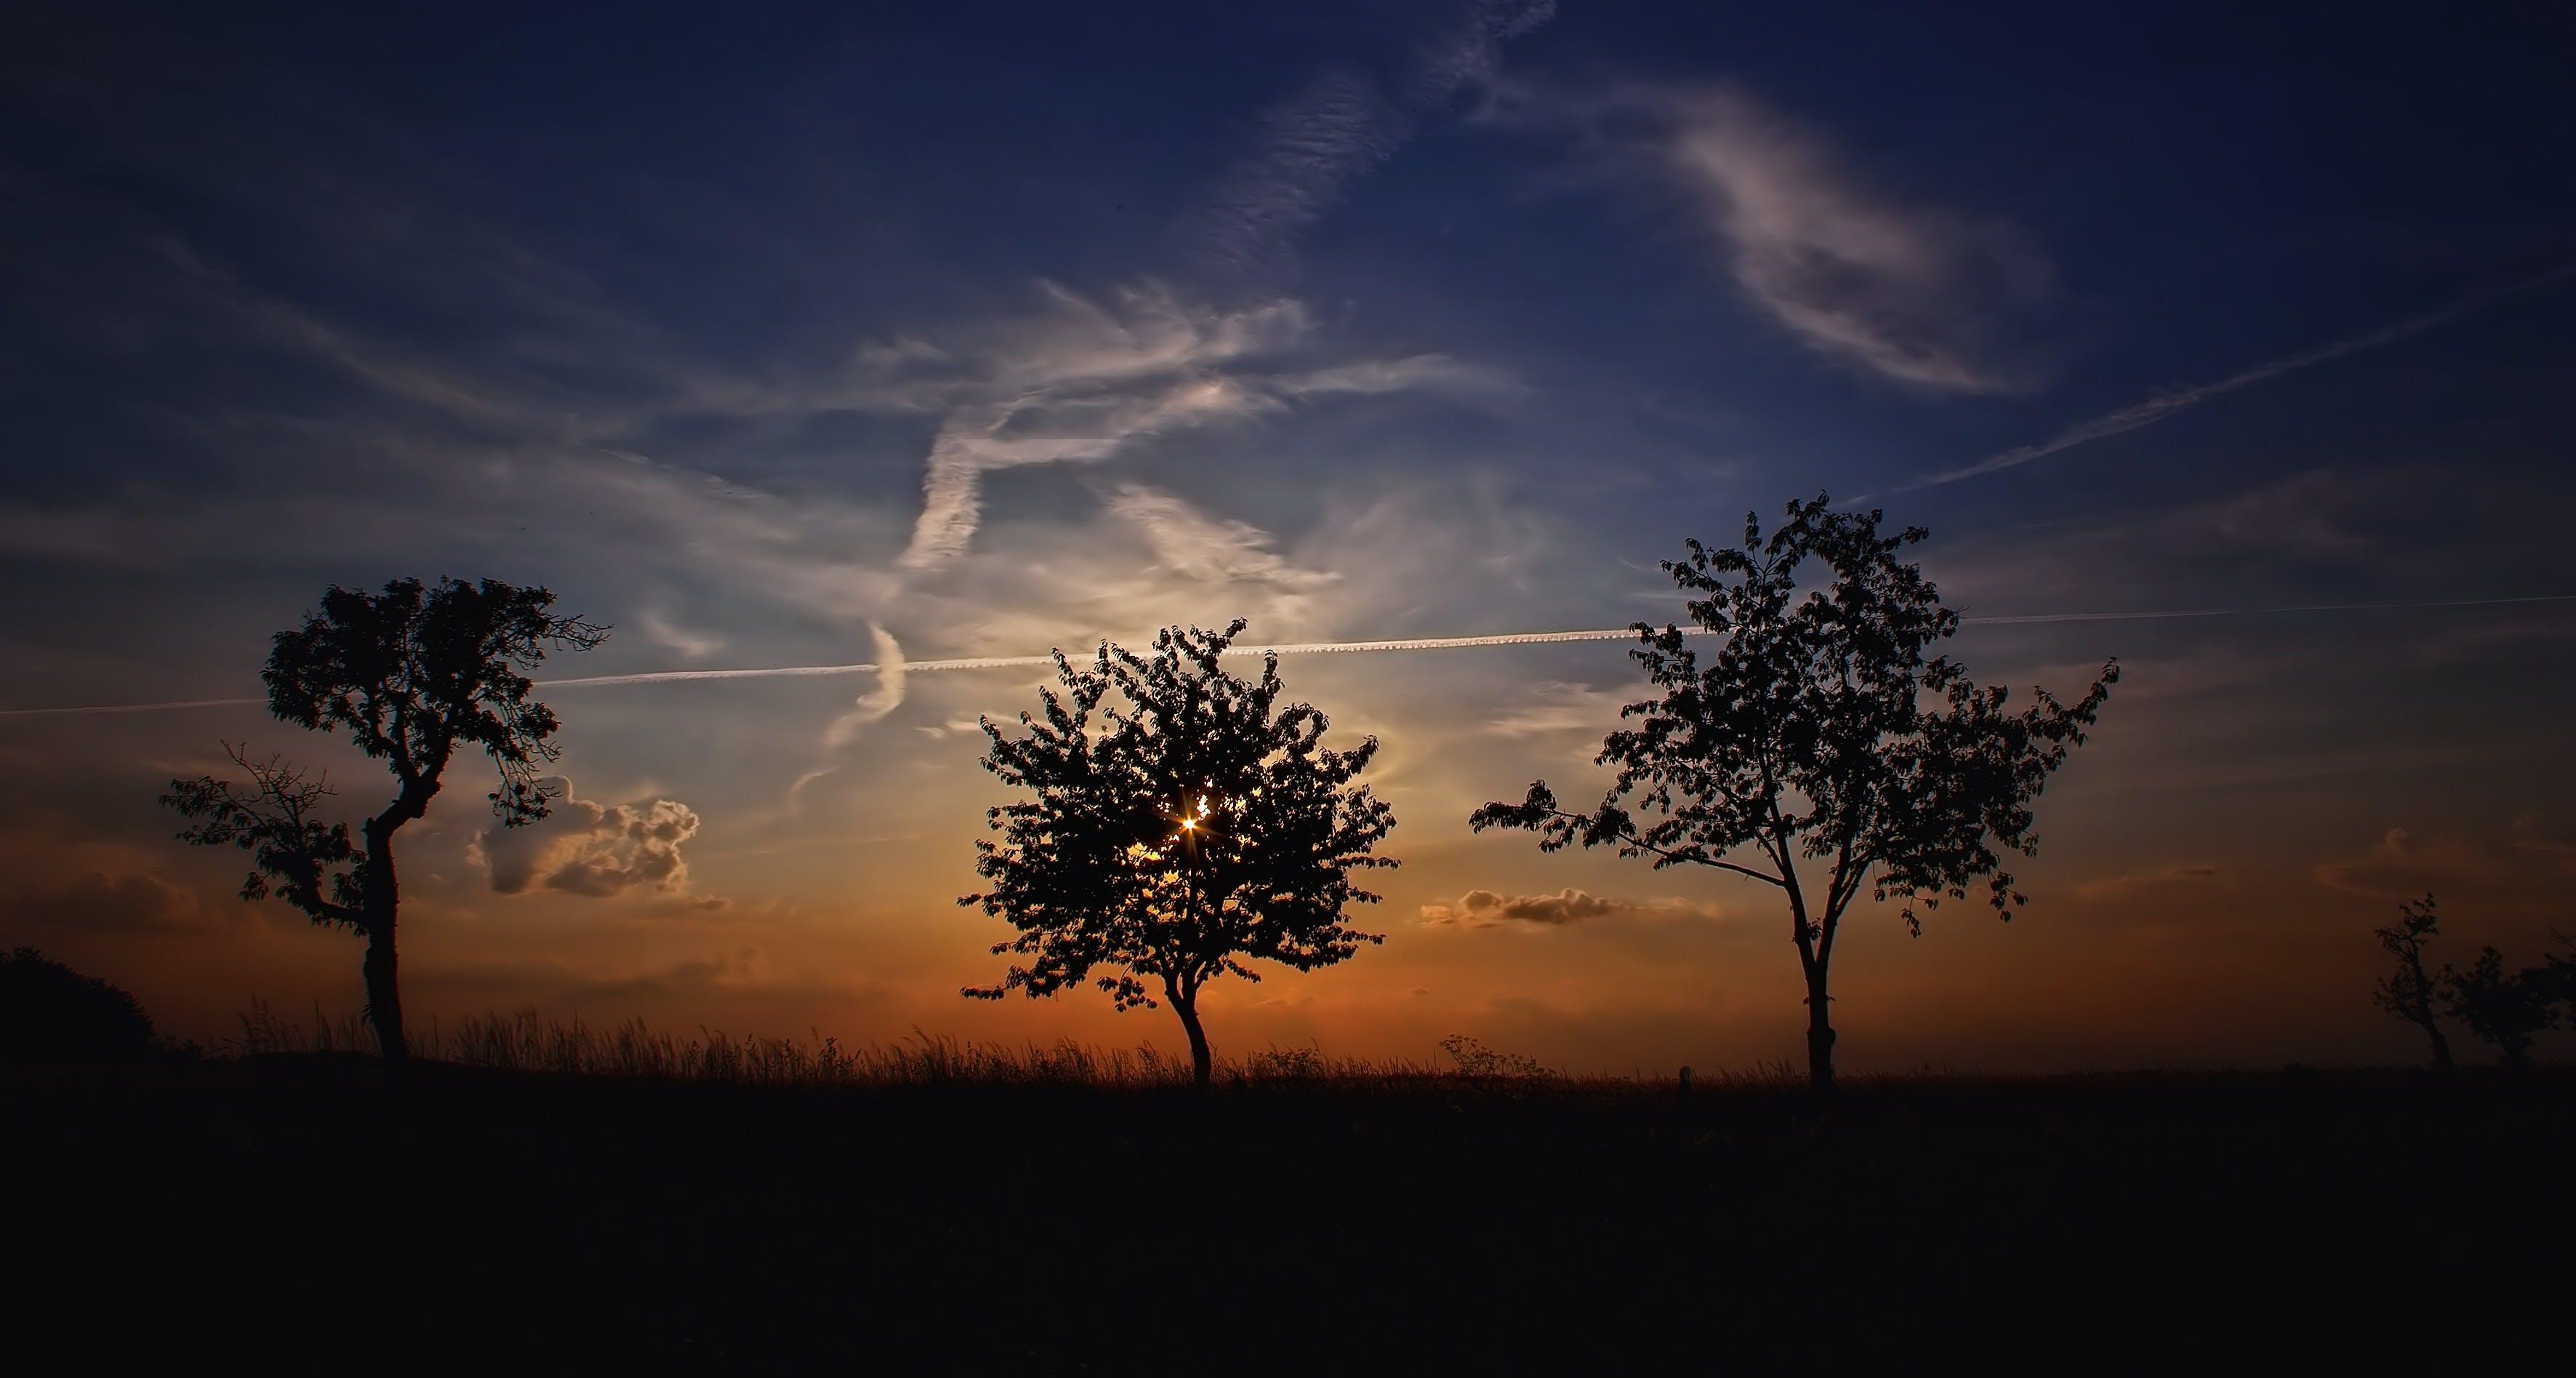 天性, 天空, 日出, 日落 的 免费素材照片